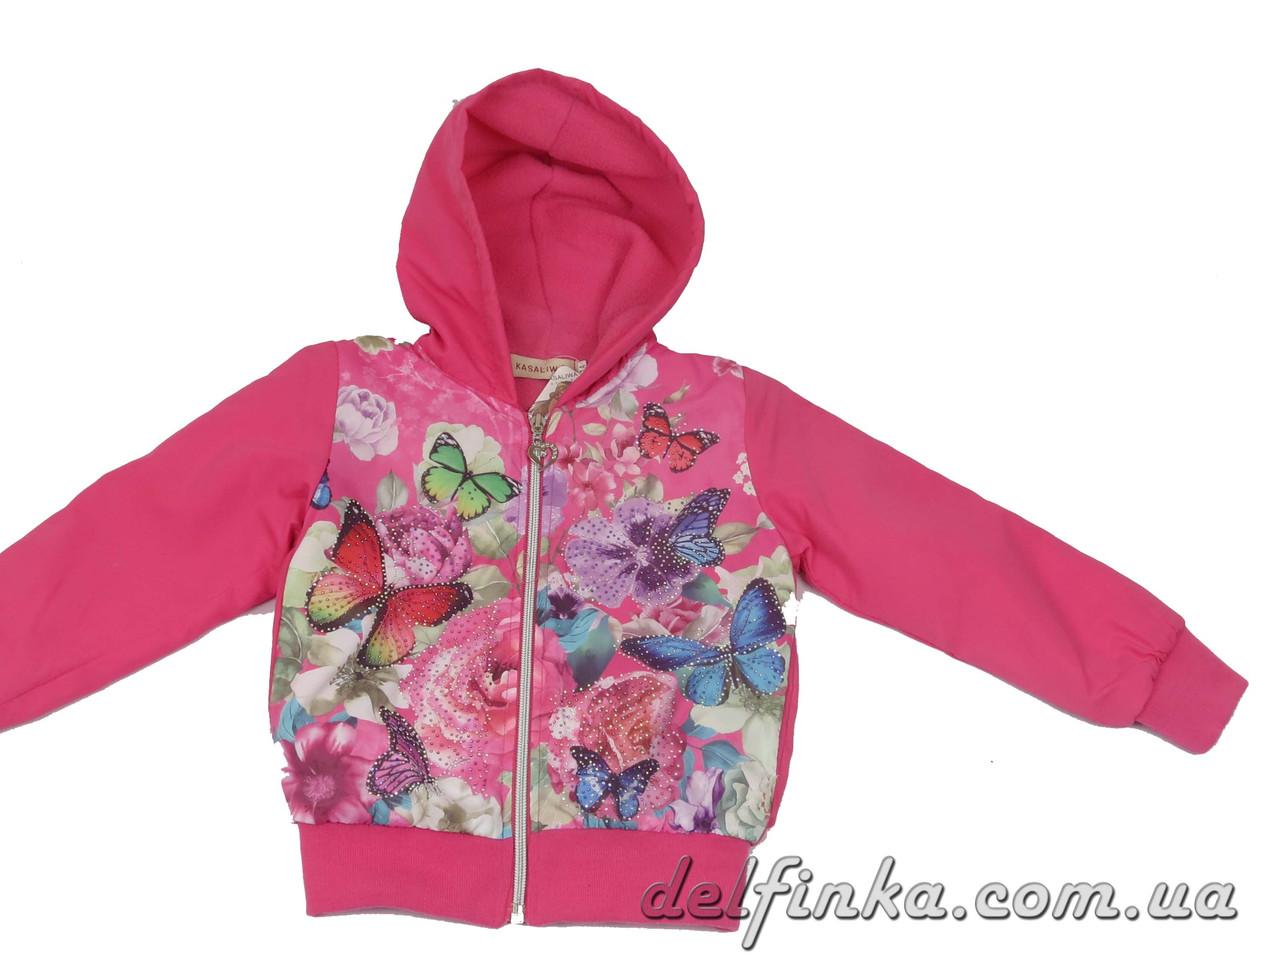 Ветровка на флисе  для девочек  3-7 лет цвет  розовый, фото 2